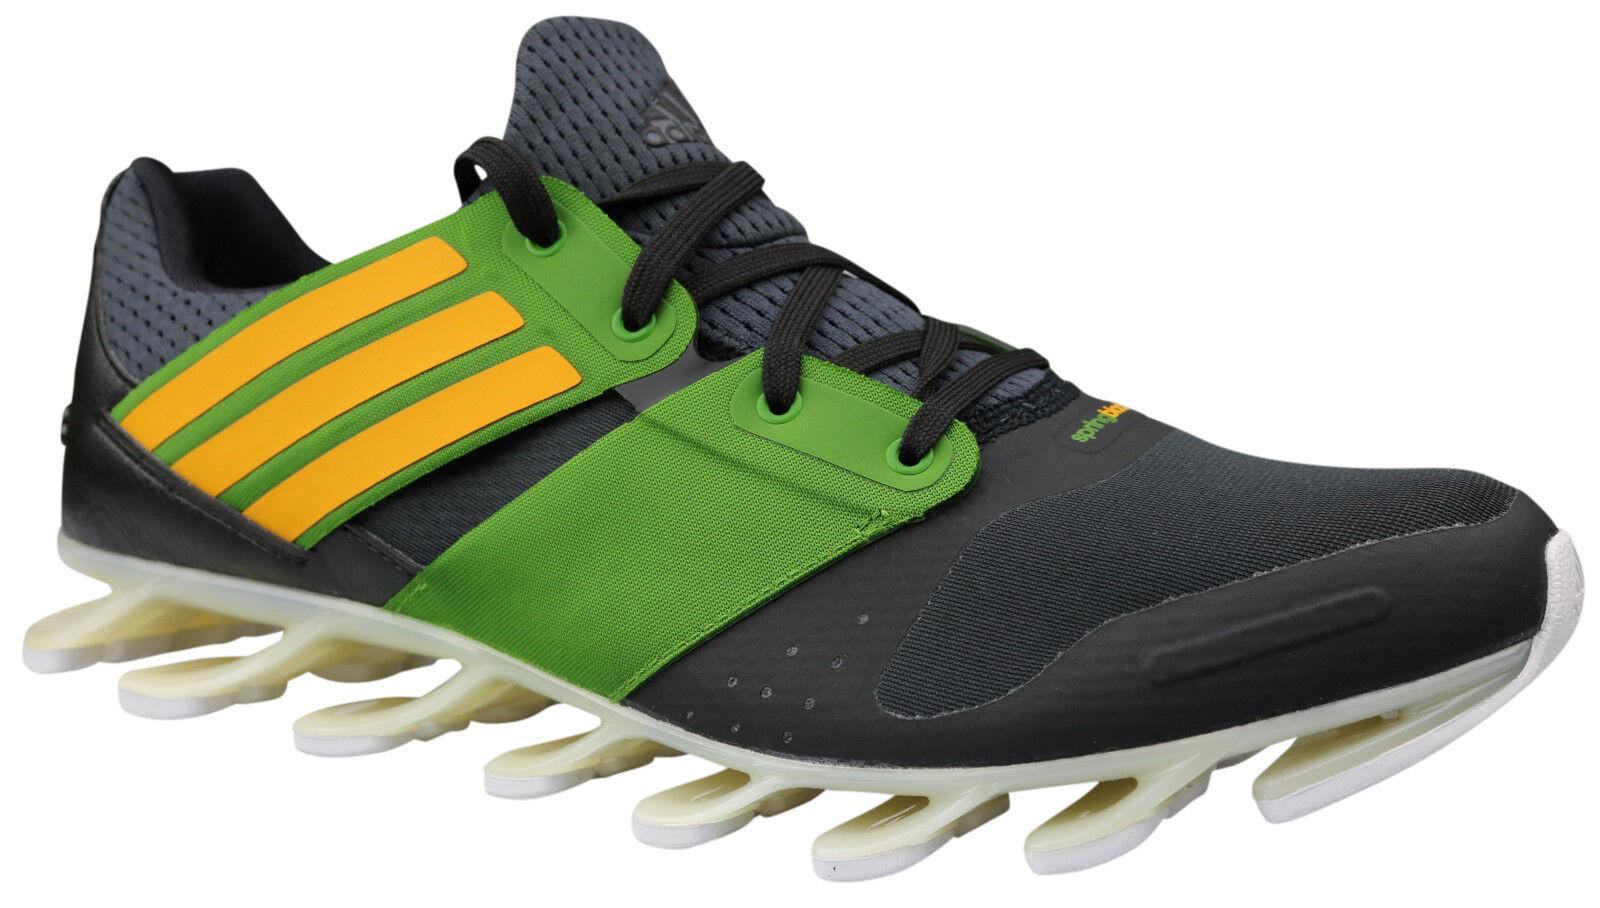 Adidas springblade solyce zapatillas cortos caballero aq5241 nuevo nuevo aq5241 embalaje original 90d541